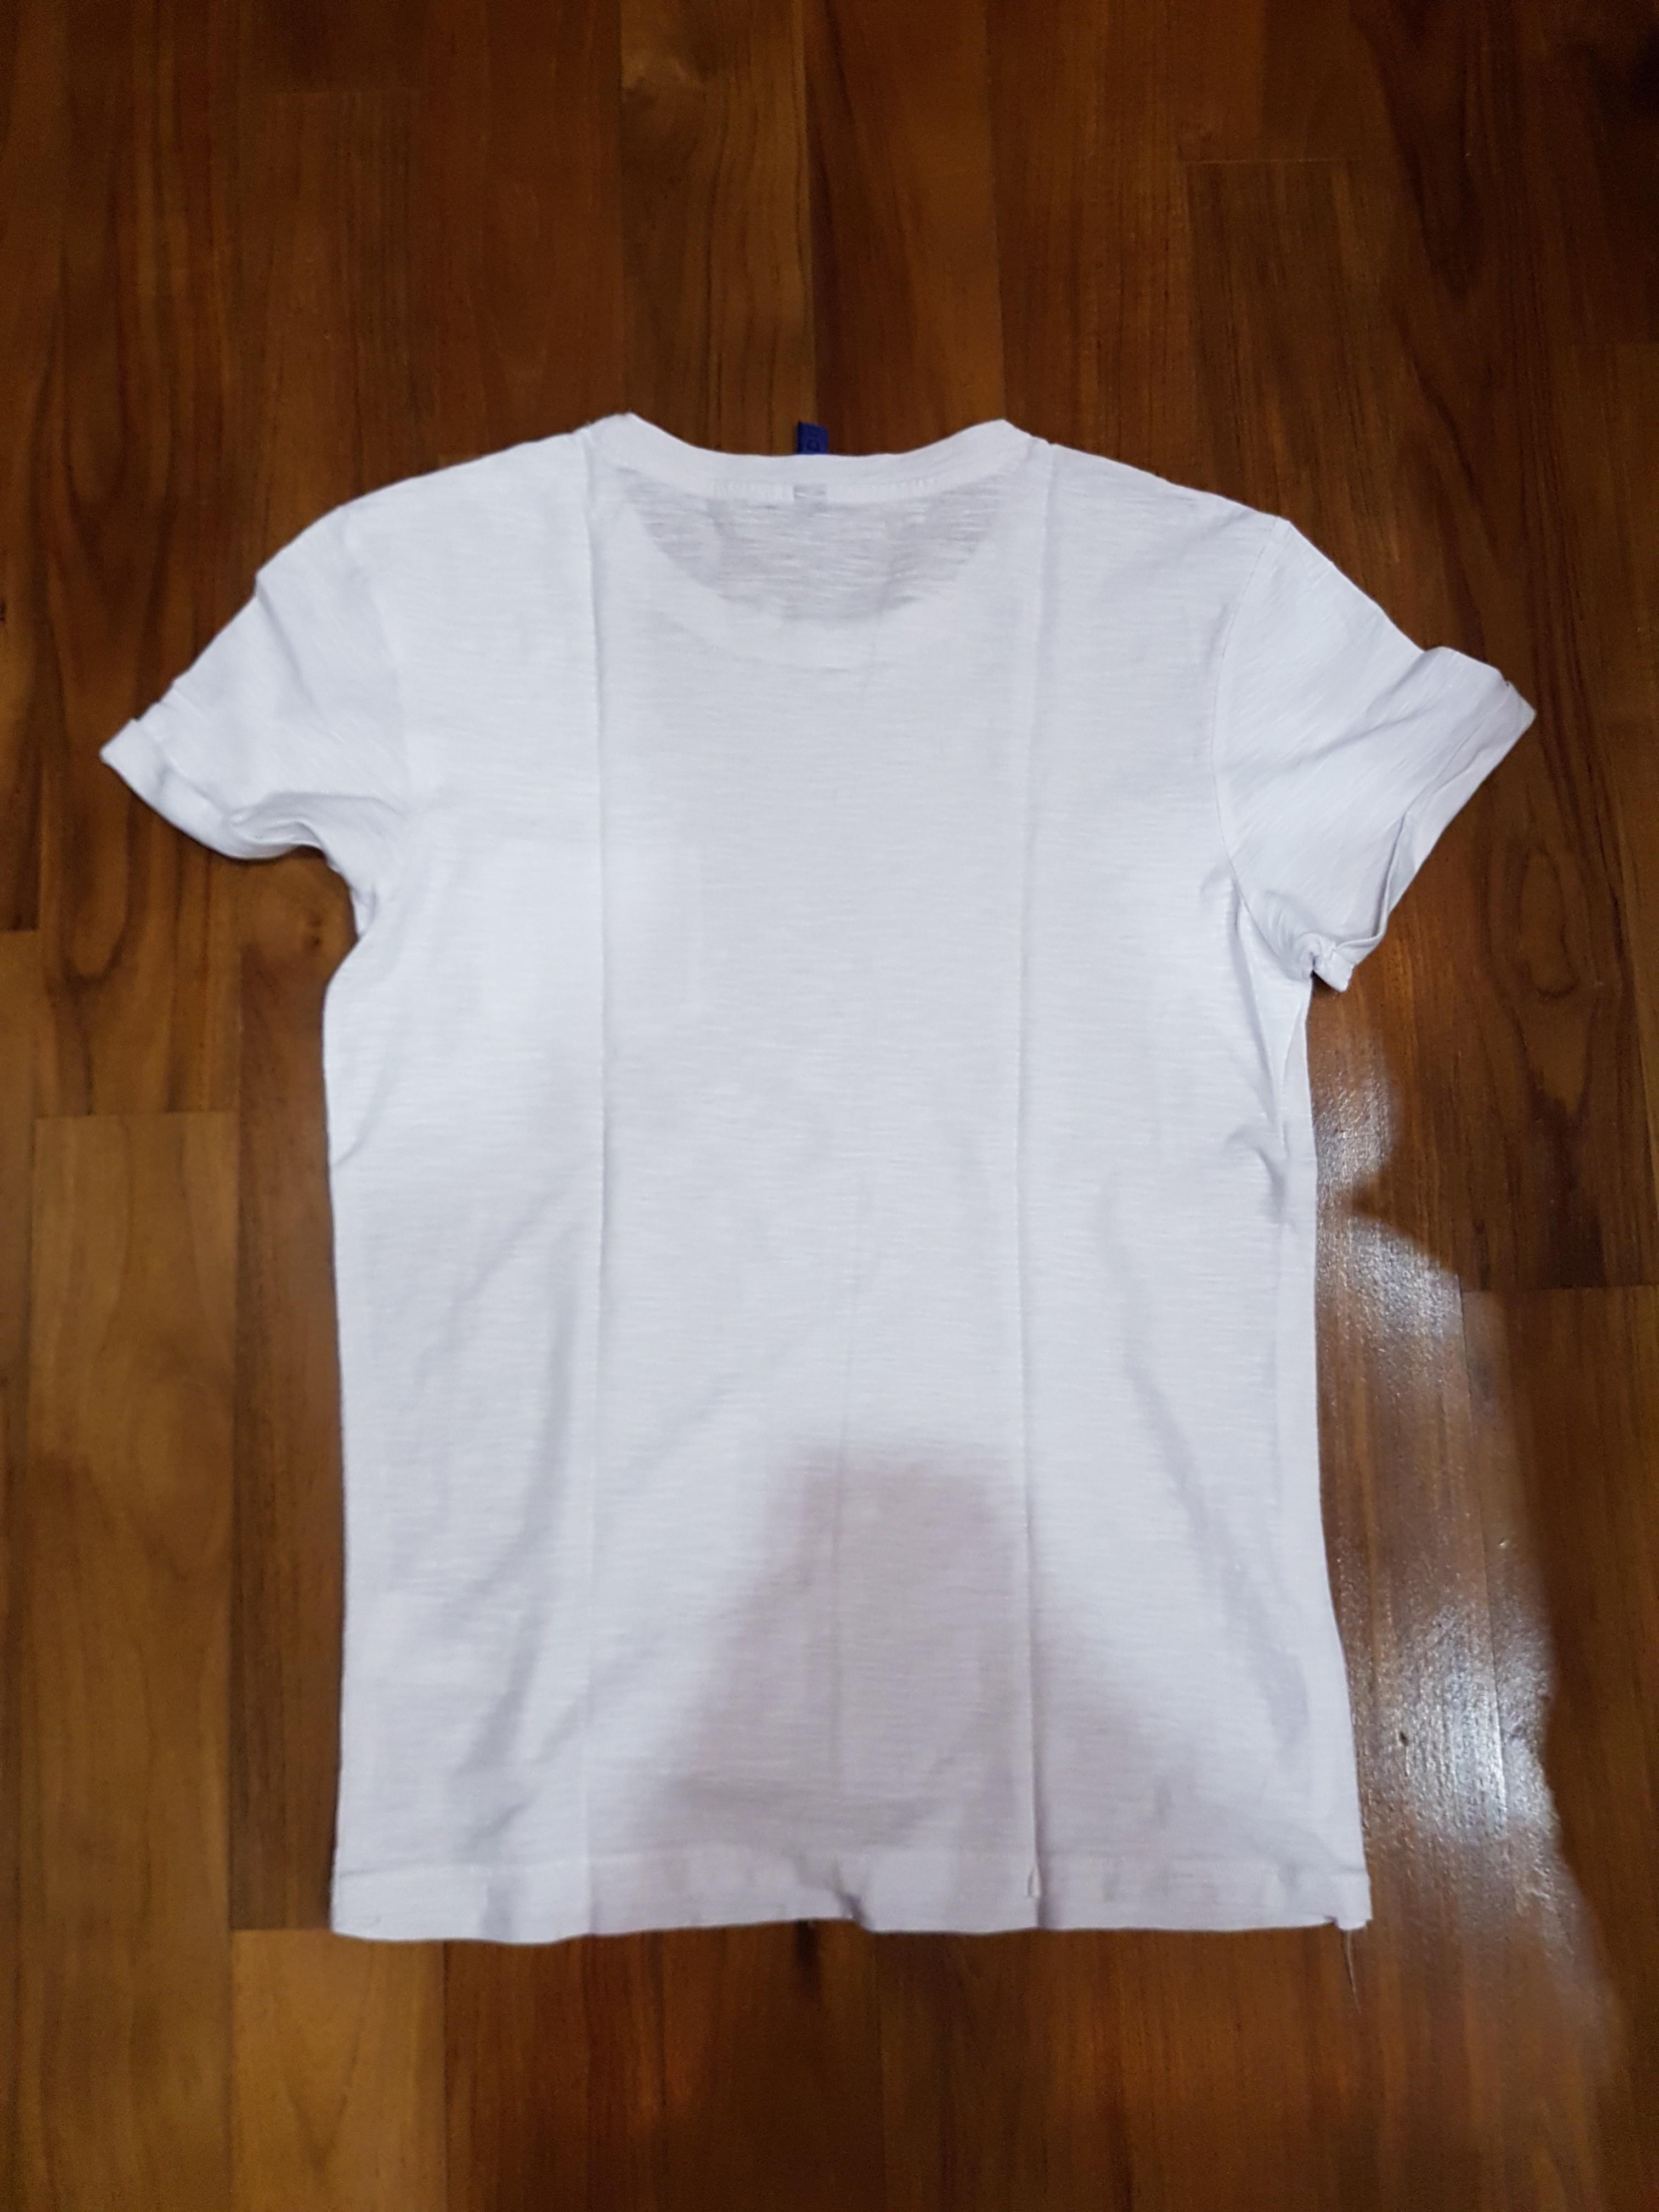 H&M Original T-Shirt Kaos